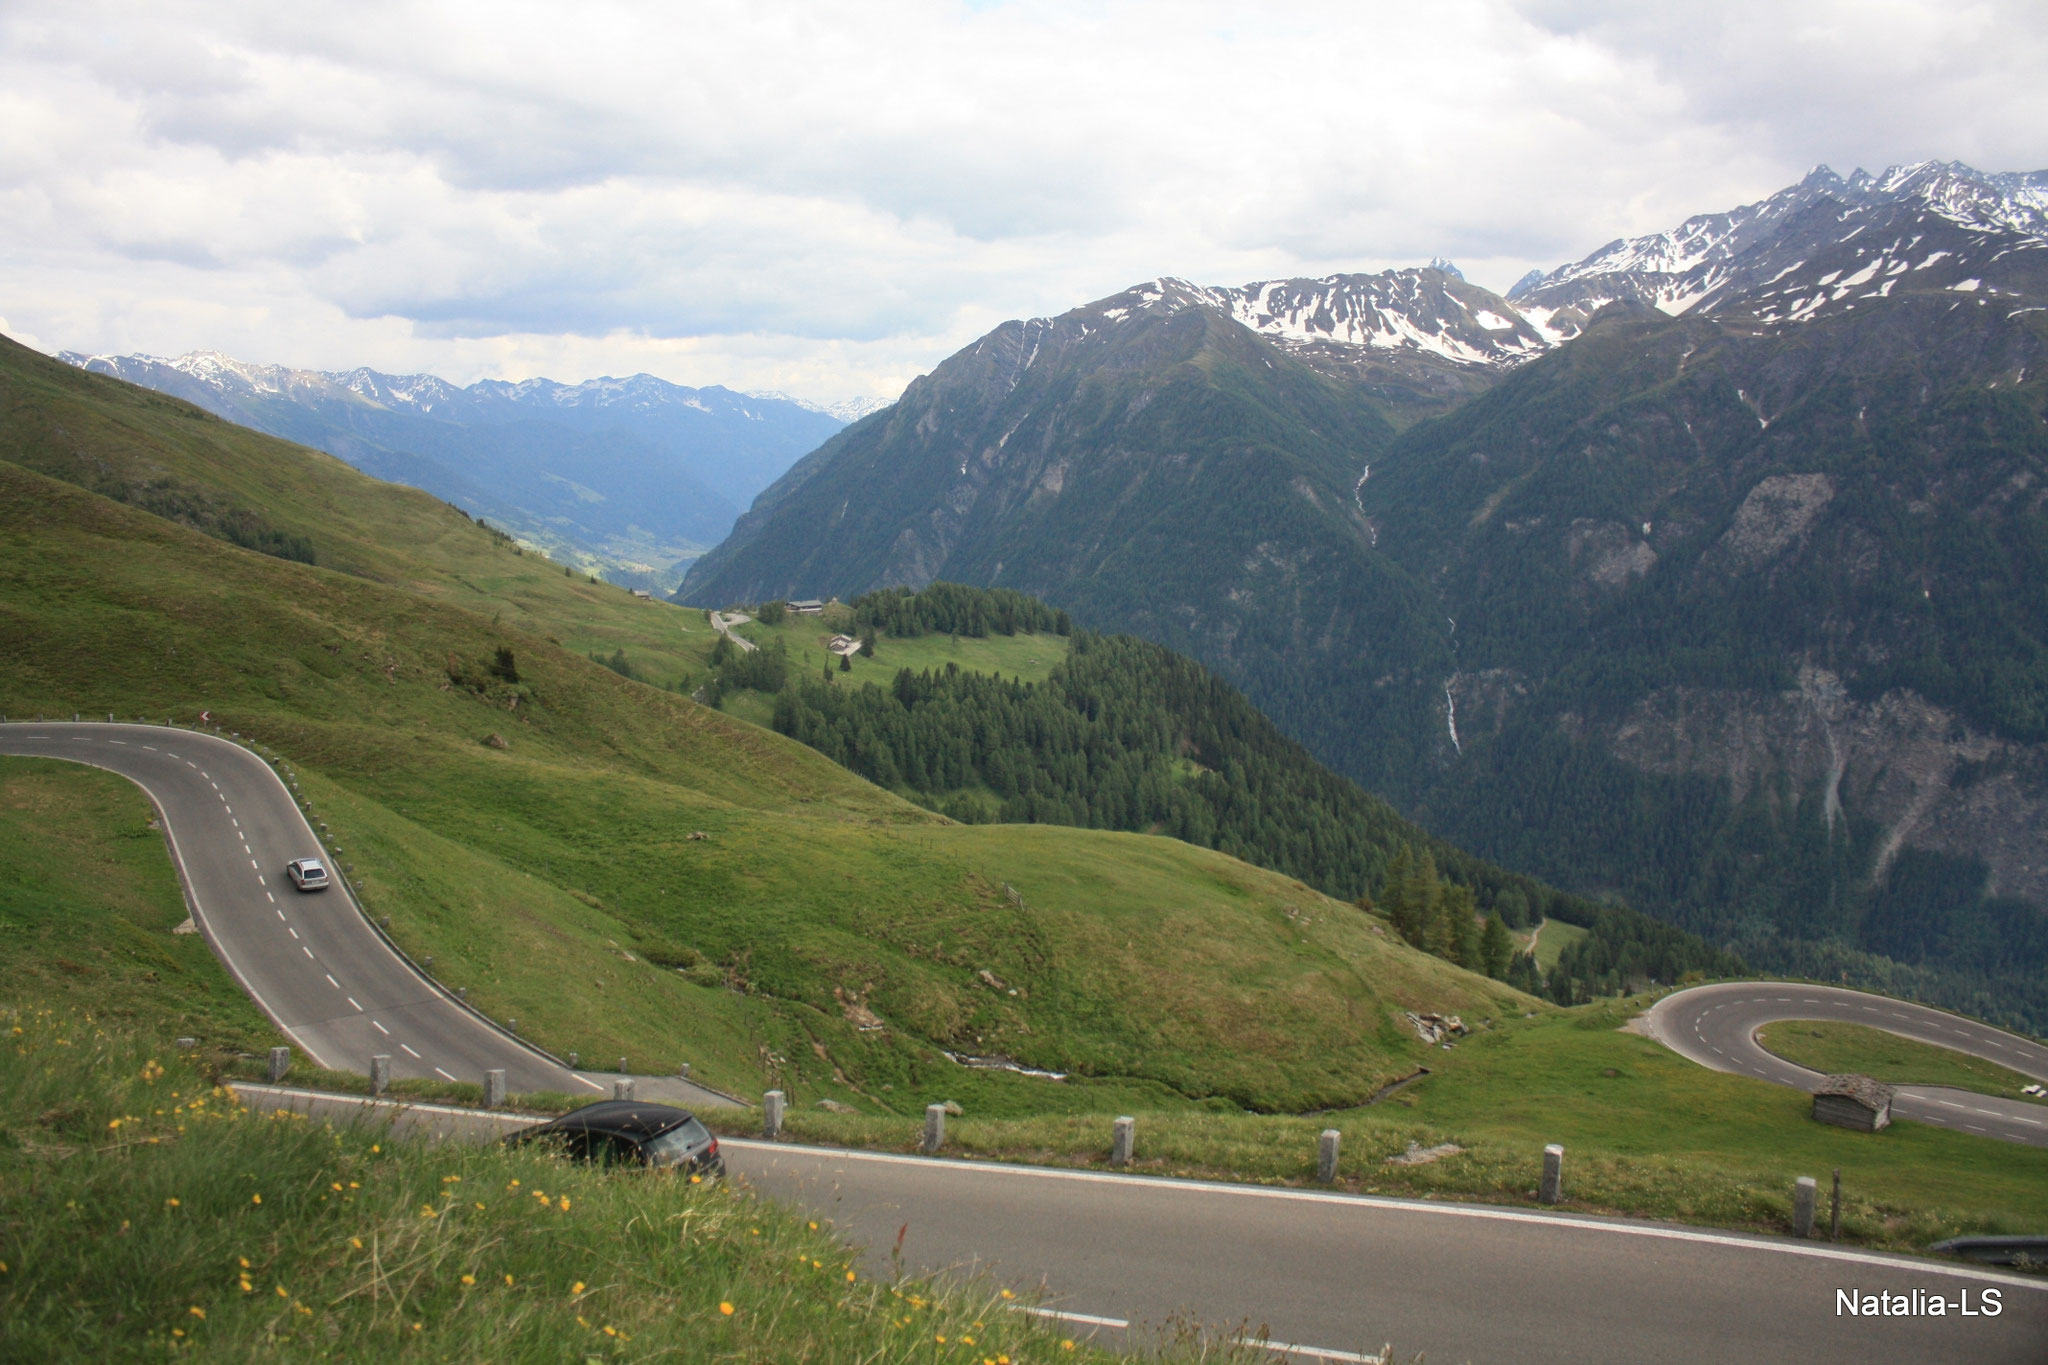 Сказочная страна Австрия. 7 дней. От 735 евро в мини-группе из 5 человек.